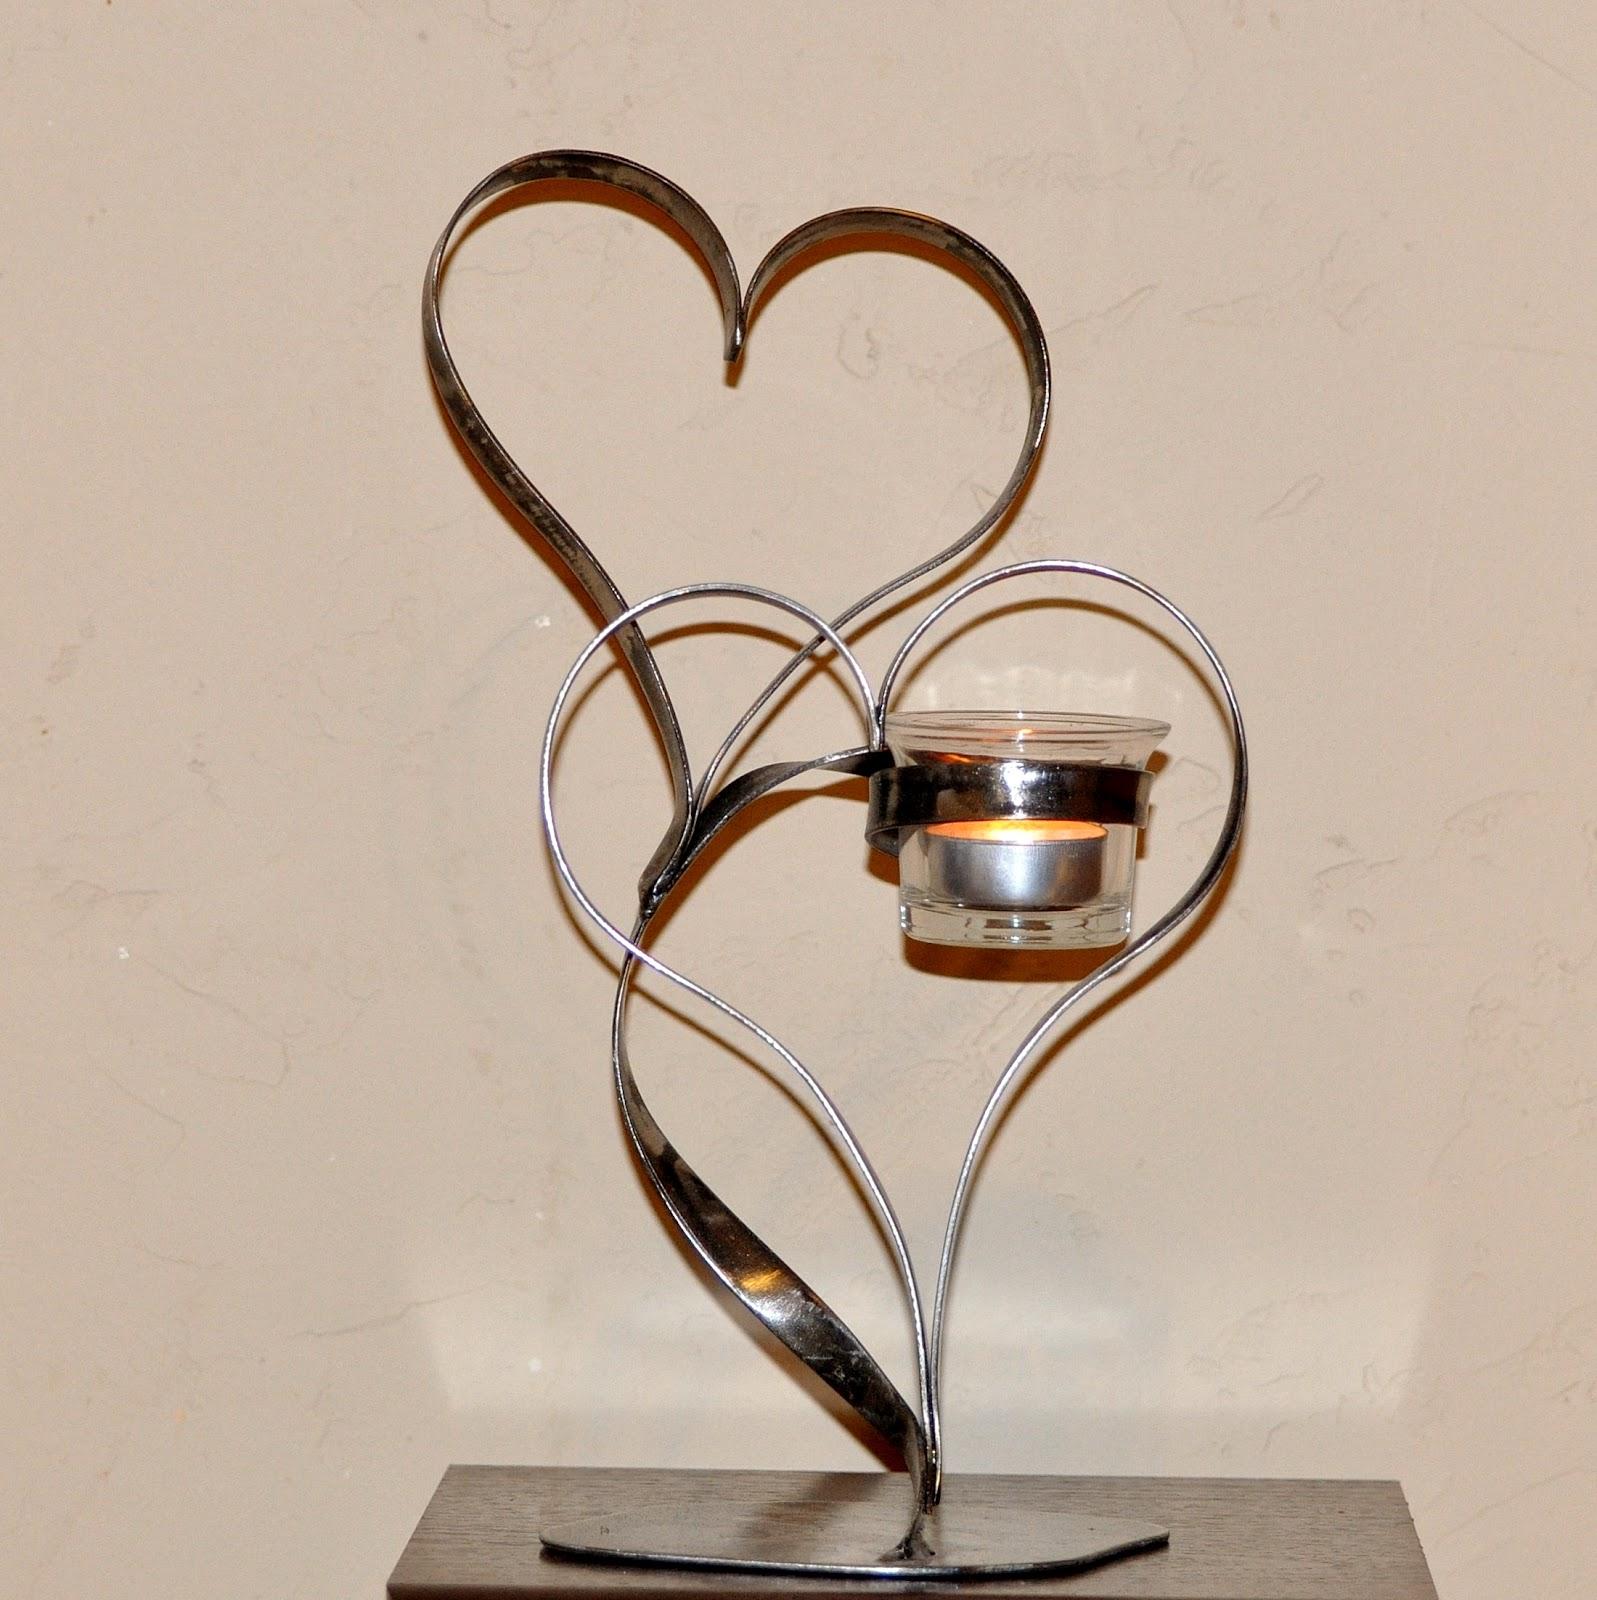 cr ateur d 39 objets d co en fer forg bougeoirs luminaires porte bouteille. Black Bedroom Furniture Sets. Home Design Ideas